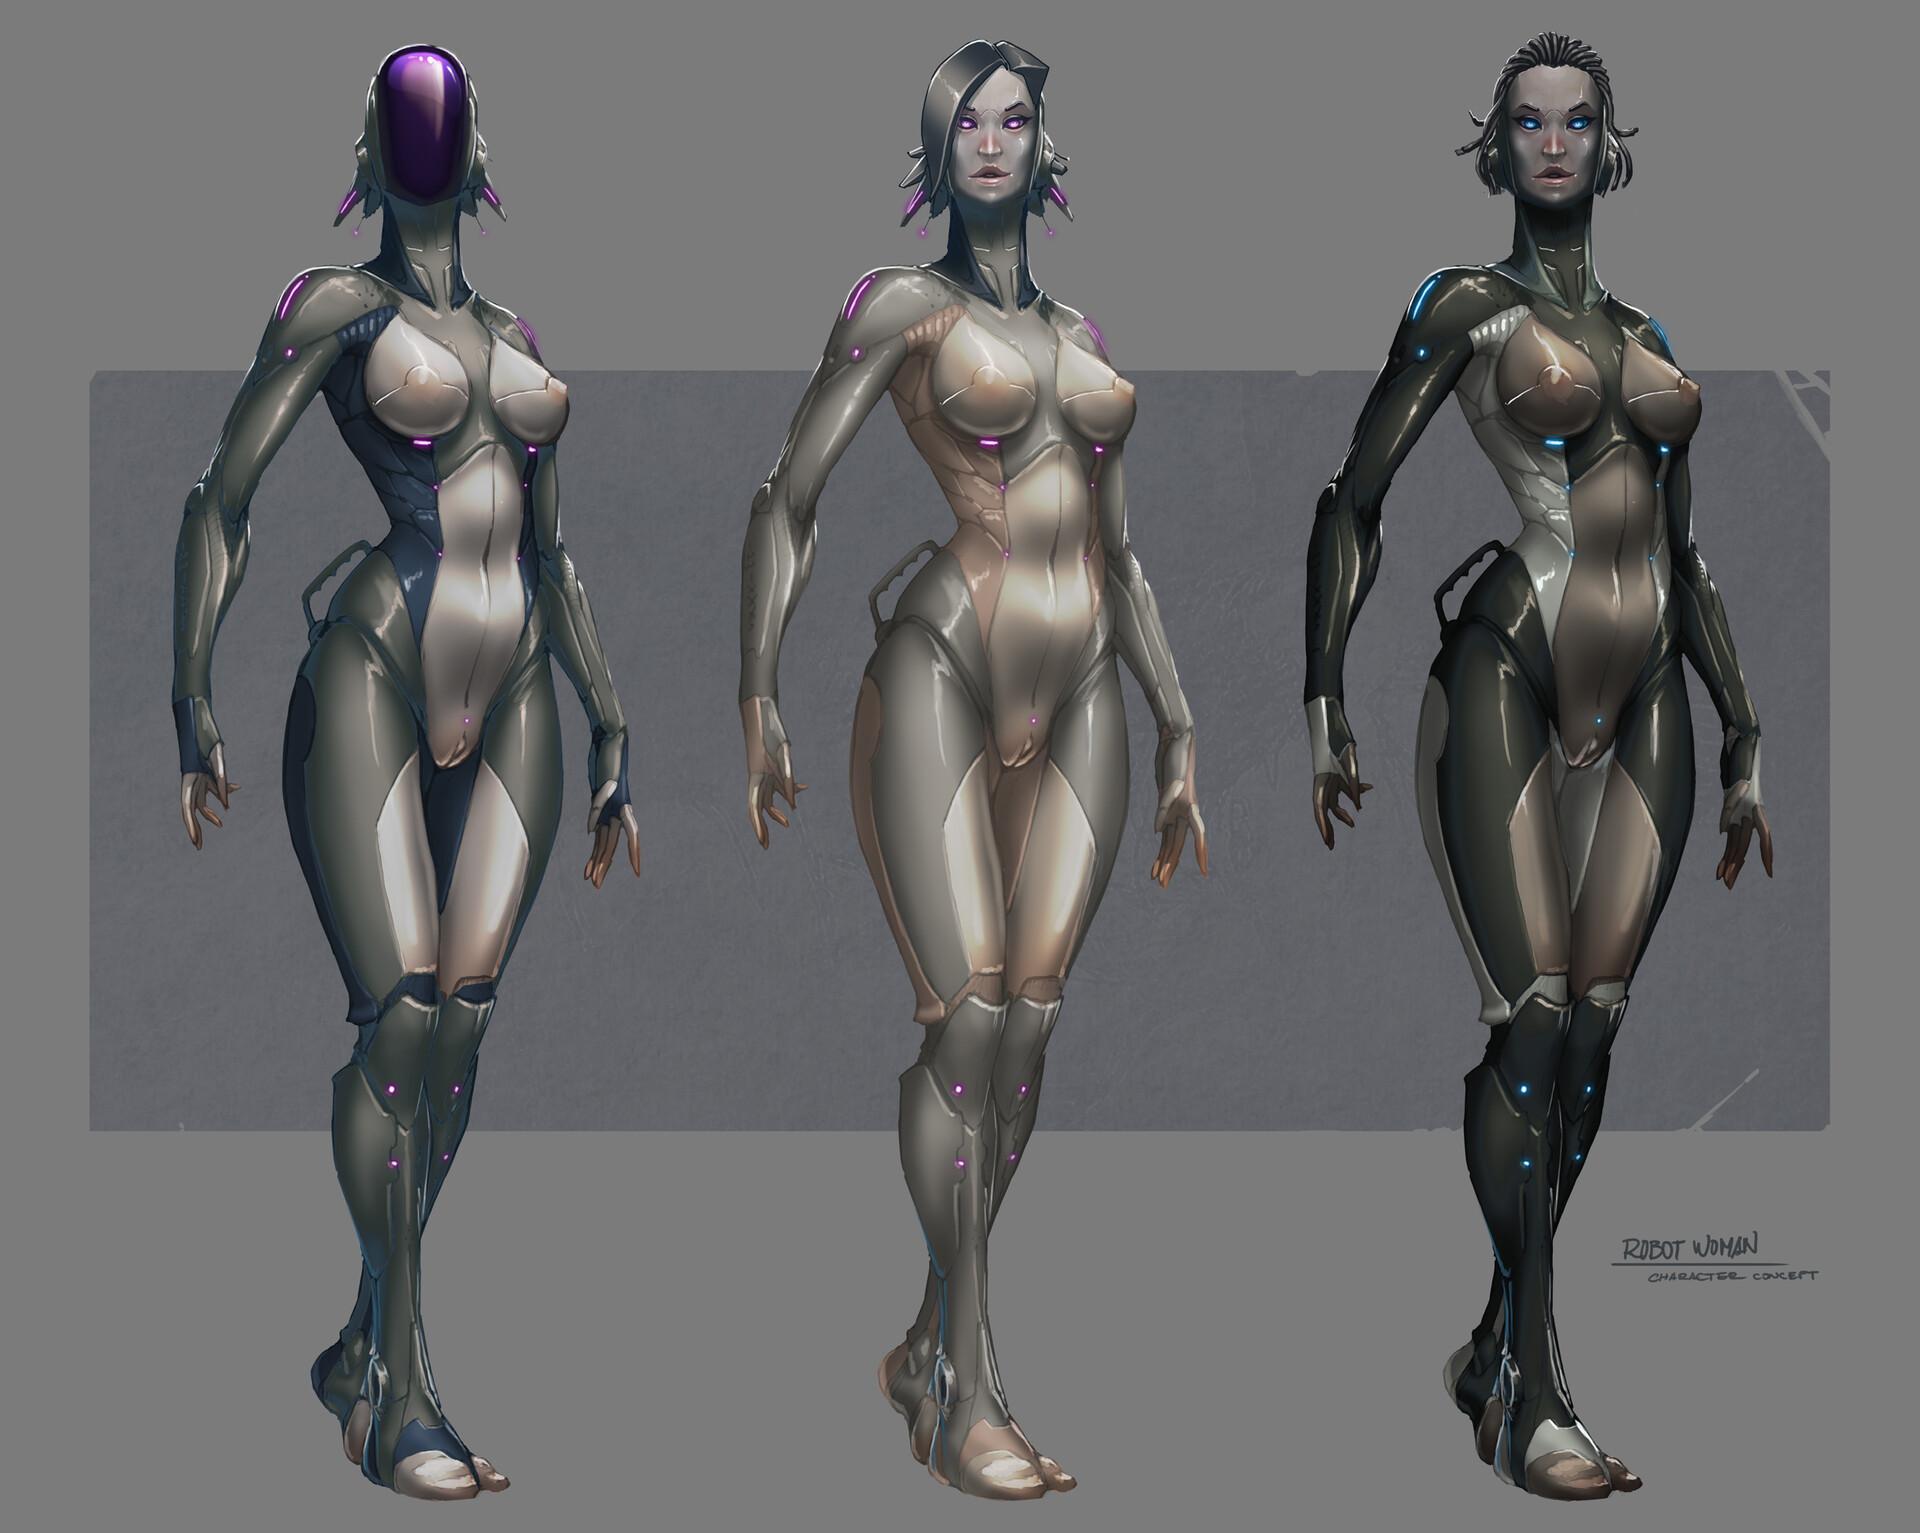 Kaithzer morejon sexbot cuerpo